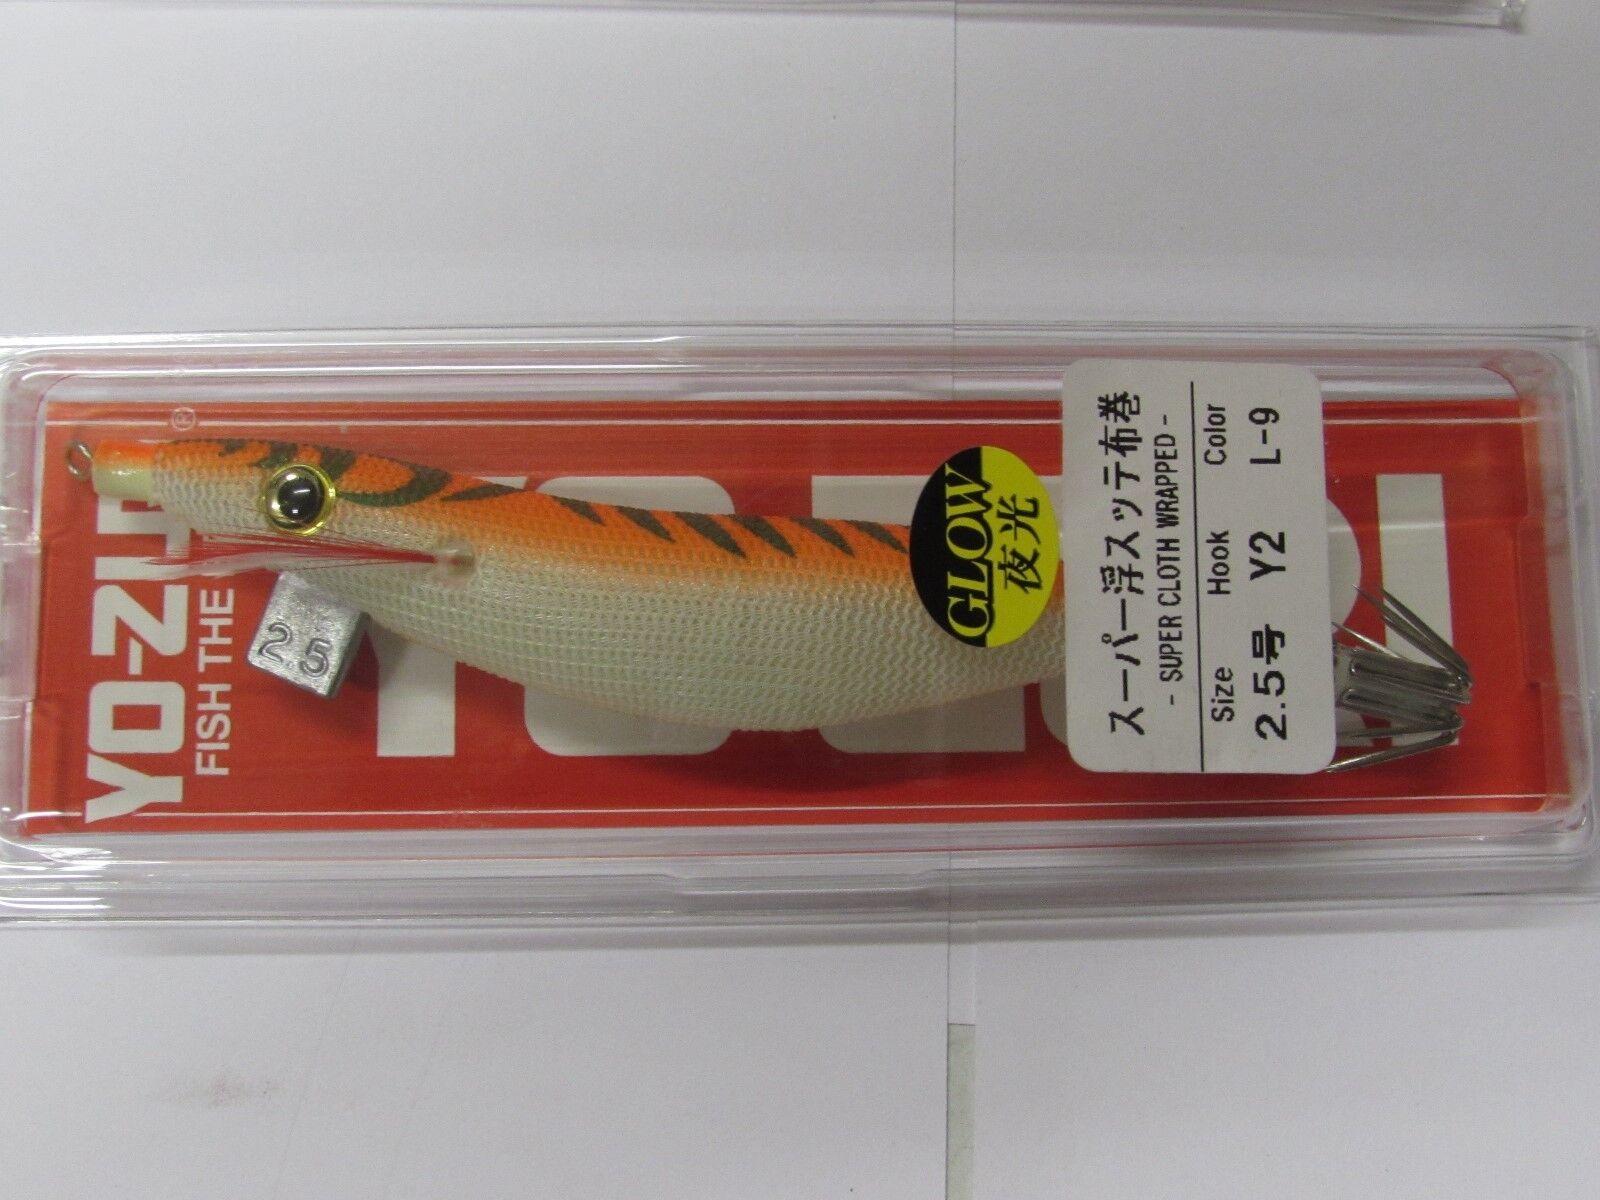 TOTANARA YO-ZURI SQUID JIG SUPER L-10 EGI 2.5 JIBIONERA TURLUTTE EGING LURE